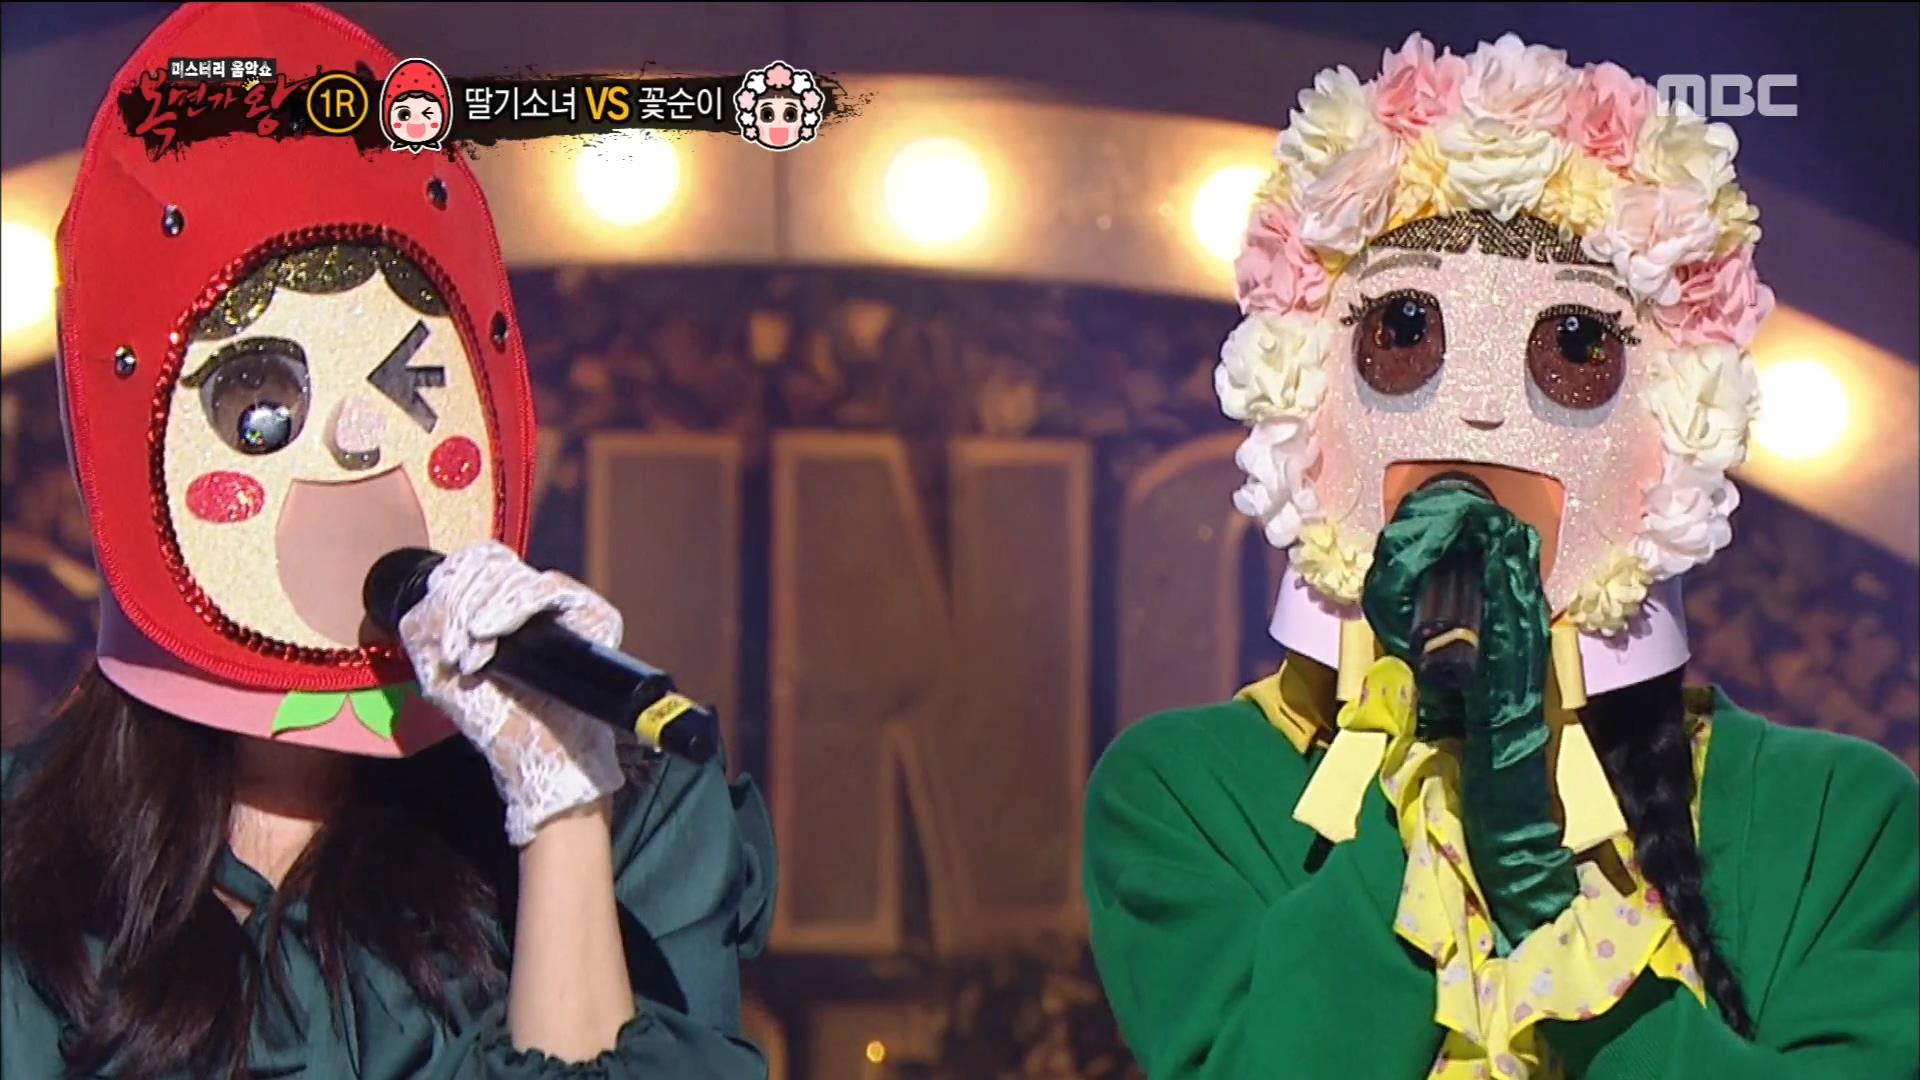 딸기 소녀 VS 꽃순이의 1라운드 무대! - 나는 달라